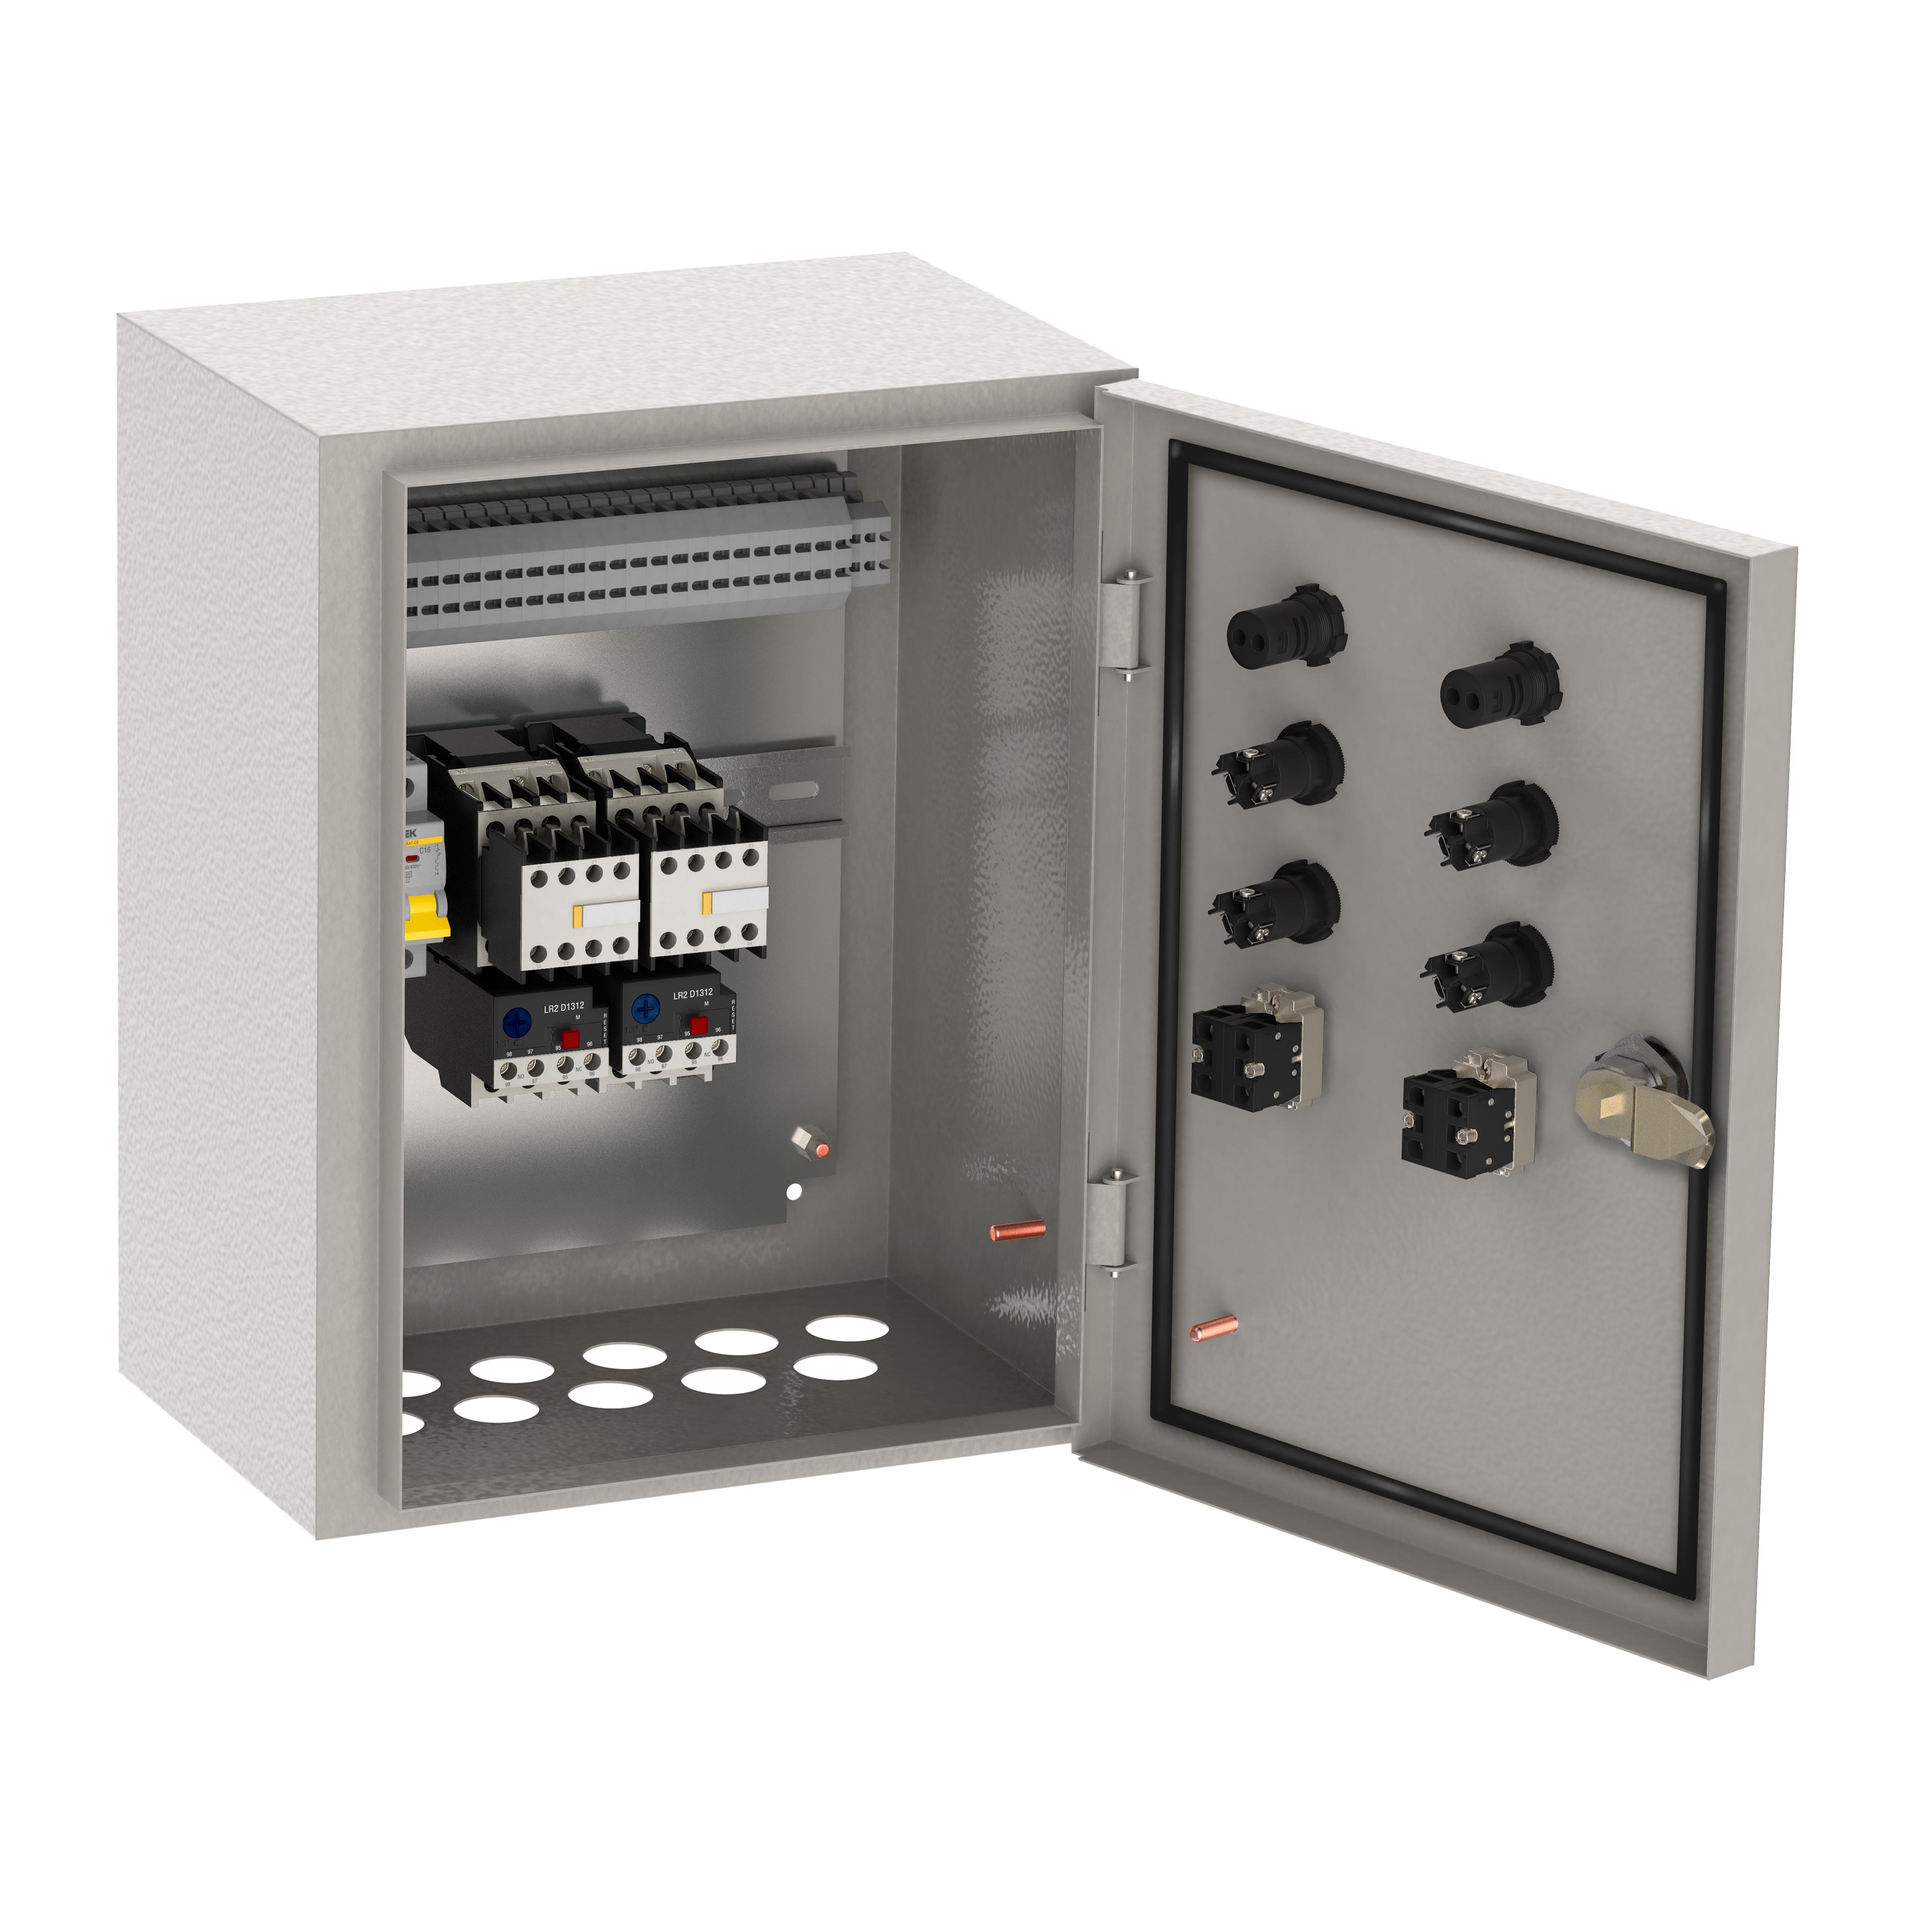 Ящик управления РУСМ5119-2074 нереверсивный 3 фидера автоматический выключатель на каждый фидер с переключателем на автоматический режим 1А IP54 IEK